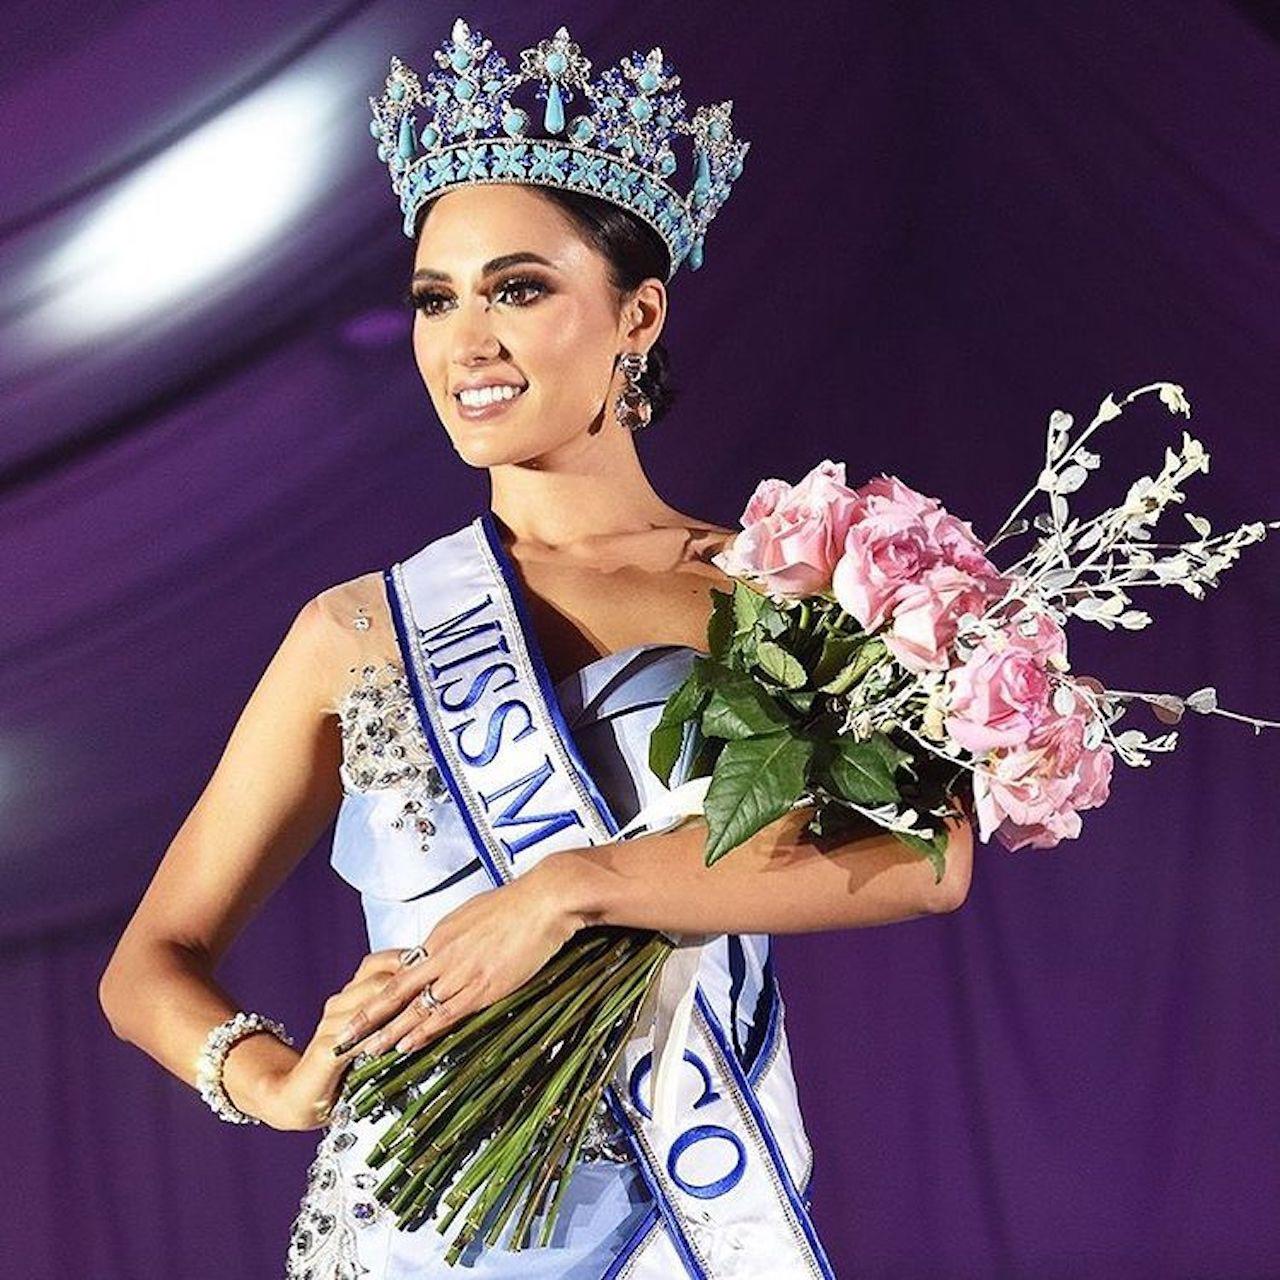 Tân Hoa hậu Mexico: Dáng vóc nóng bỏng, thông thạo 4 thứ tiếng - 1